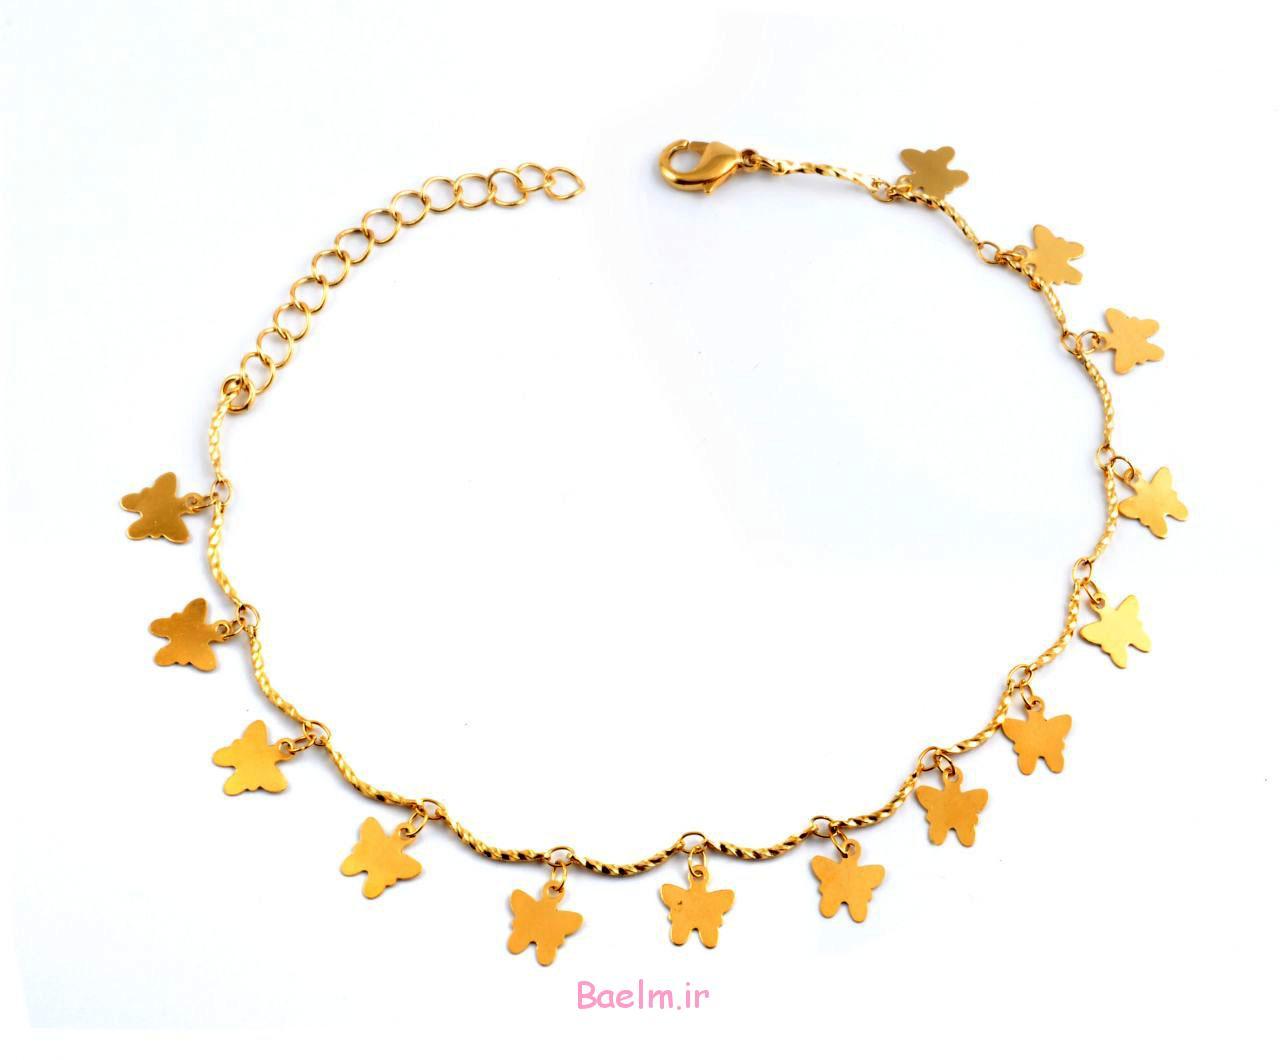 ankle bracelet 8 Ankle Bracelet Designs